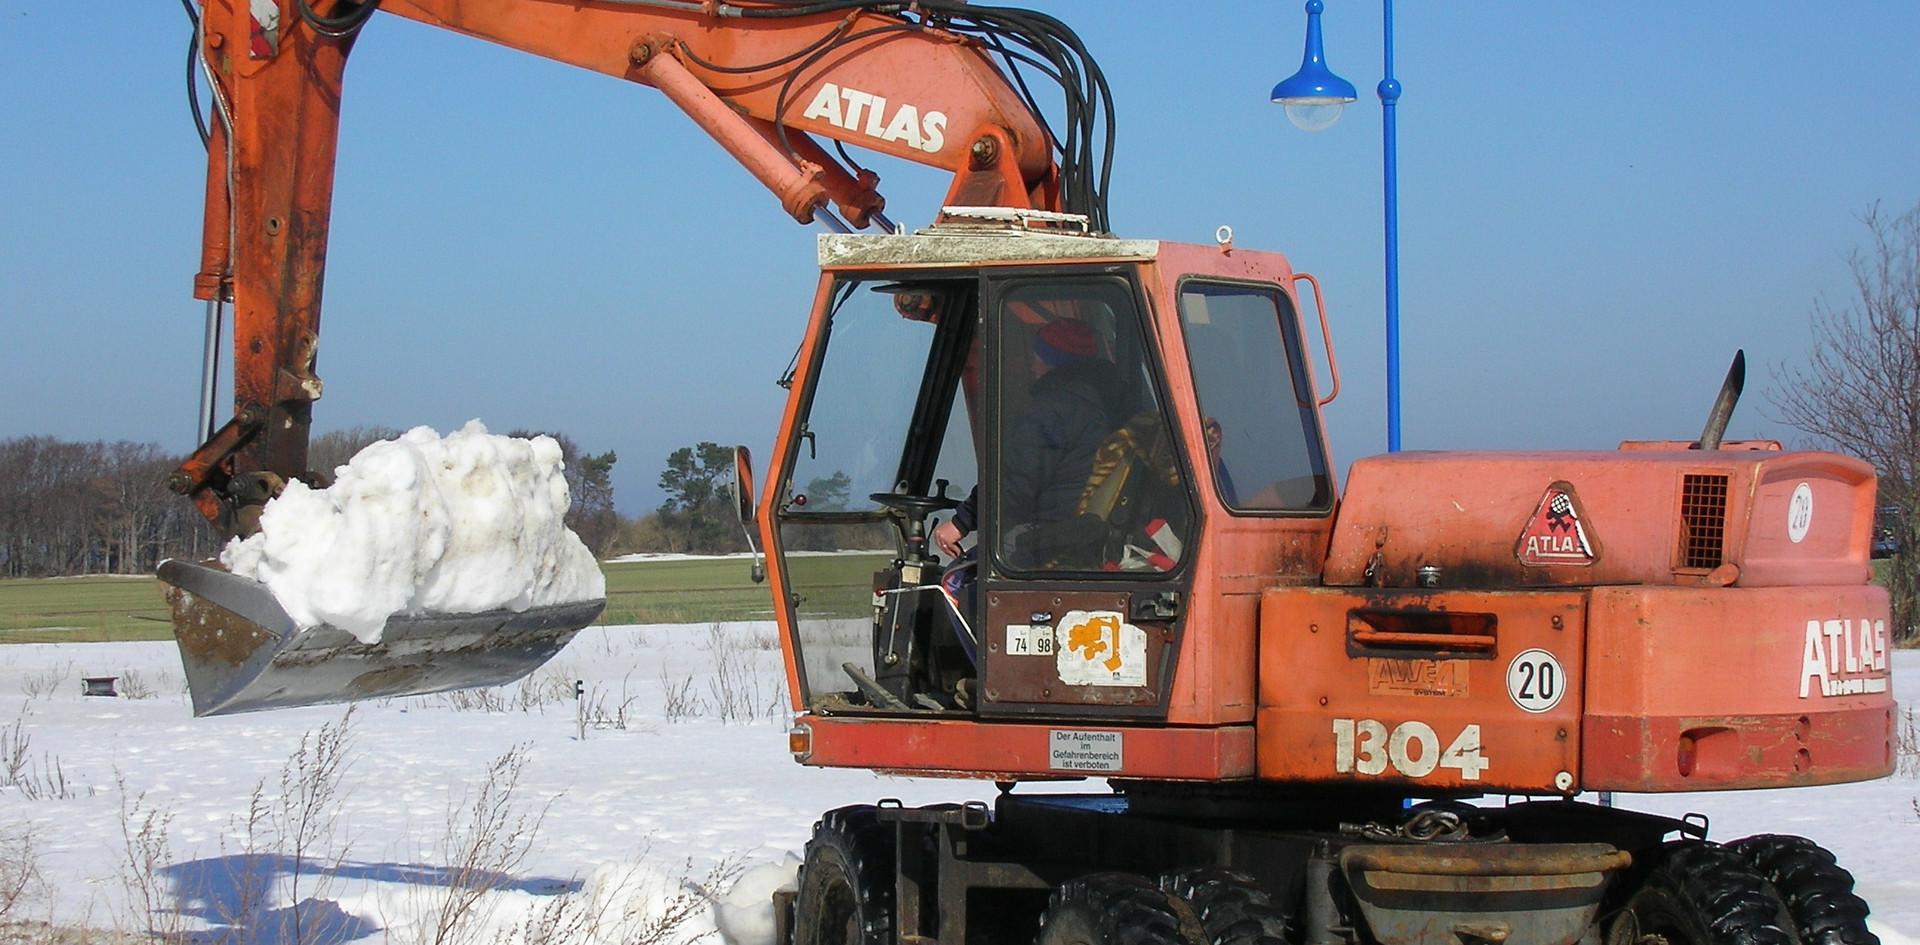 Im April 2010 sollten die Baumaßnahmen beginnen. Doch der Winter auf der Insel hielt sich mit einer wahrhaft eisigen Härte und machte uns das Ausheben der Baugrube ncht besonders leicht.Trotz des Schnees musste der Bau beginnen, da sonst der gesamte Zeitplan gekippet wäre. Der Bagger schaufelte zunächst zwei Tage lang Schnee von der Oberfläche der Baufläche auf einen großen Schneeberg. .